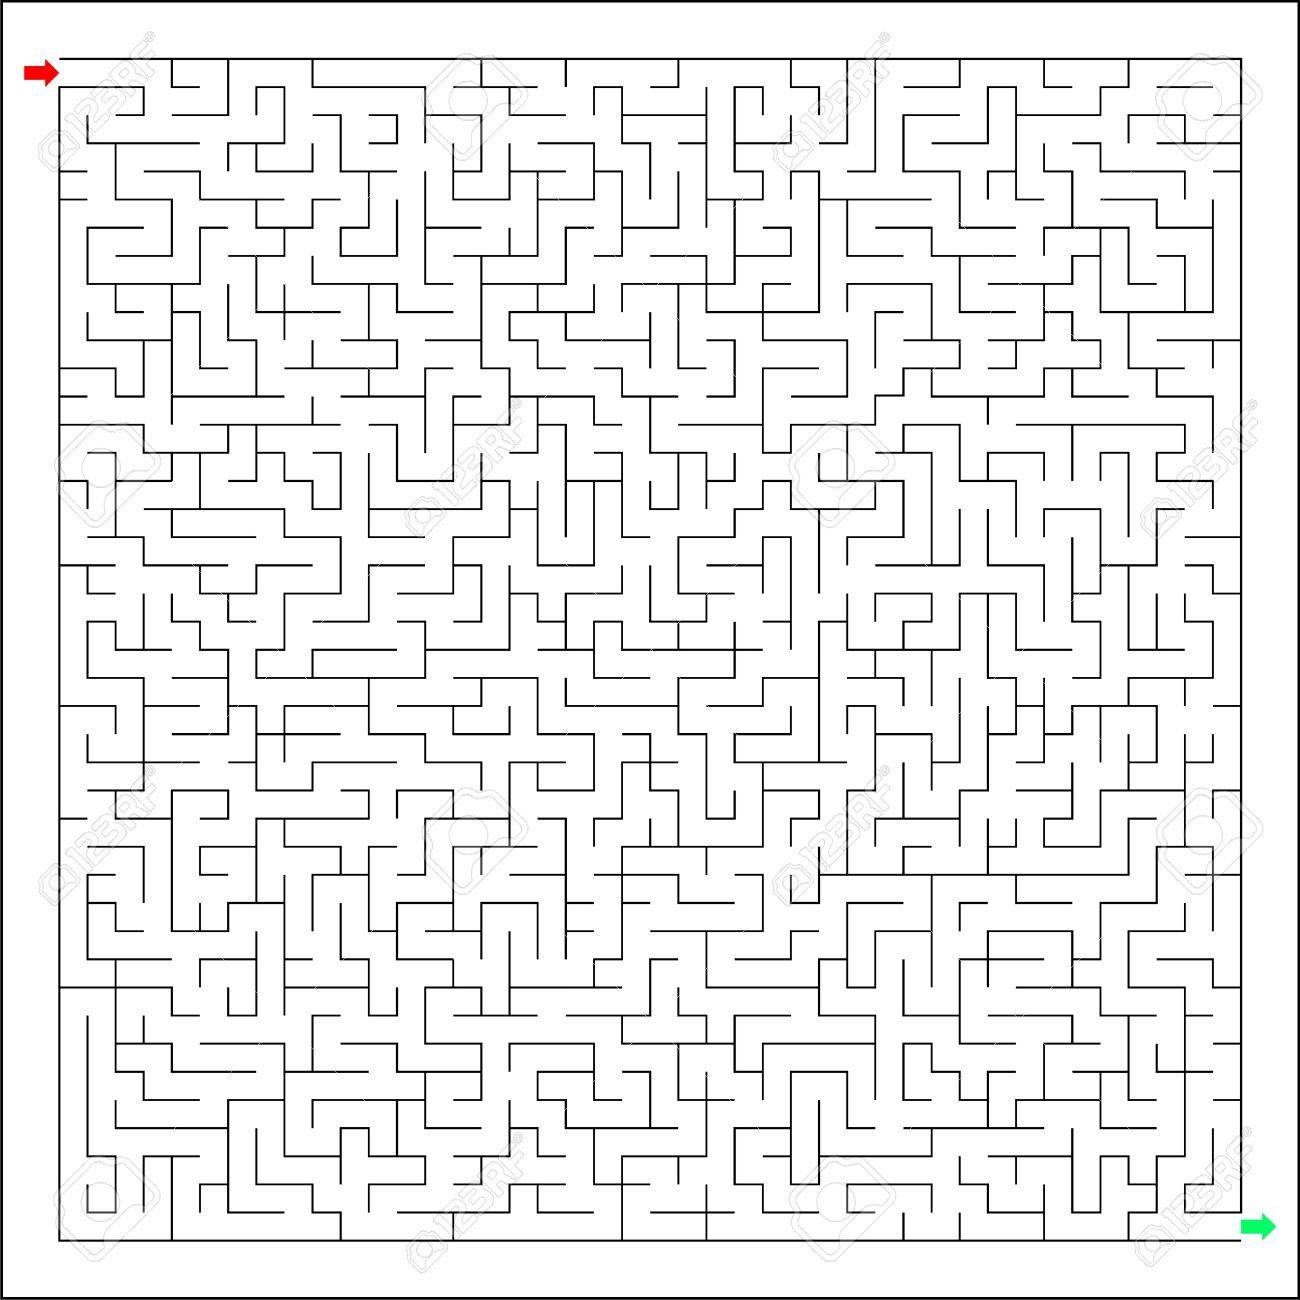 Labirynth Difficile Et Dur, Labyrinthe, Casse-Tête, L'énigme tout Labyrinthe Difficile